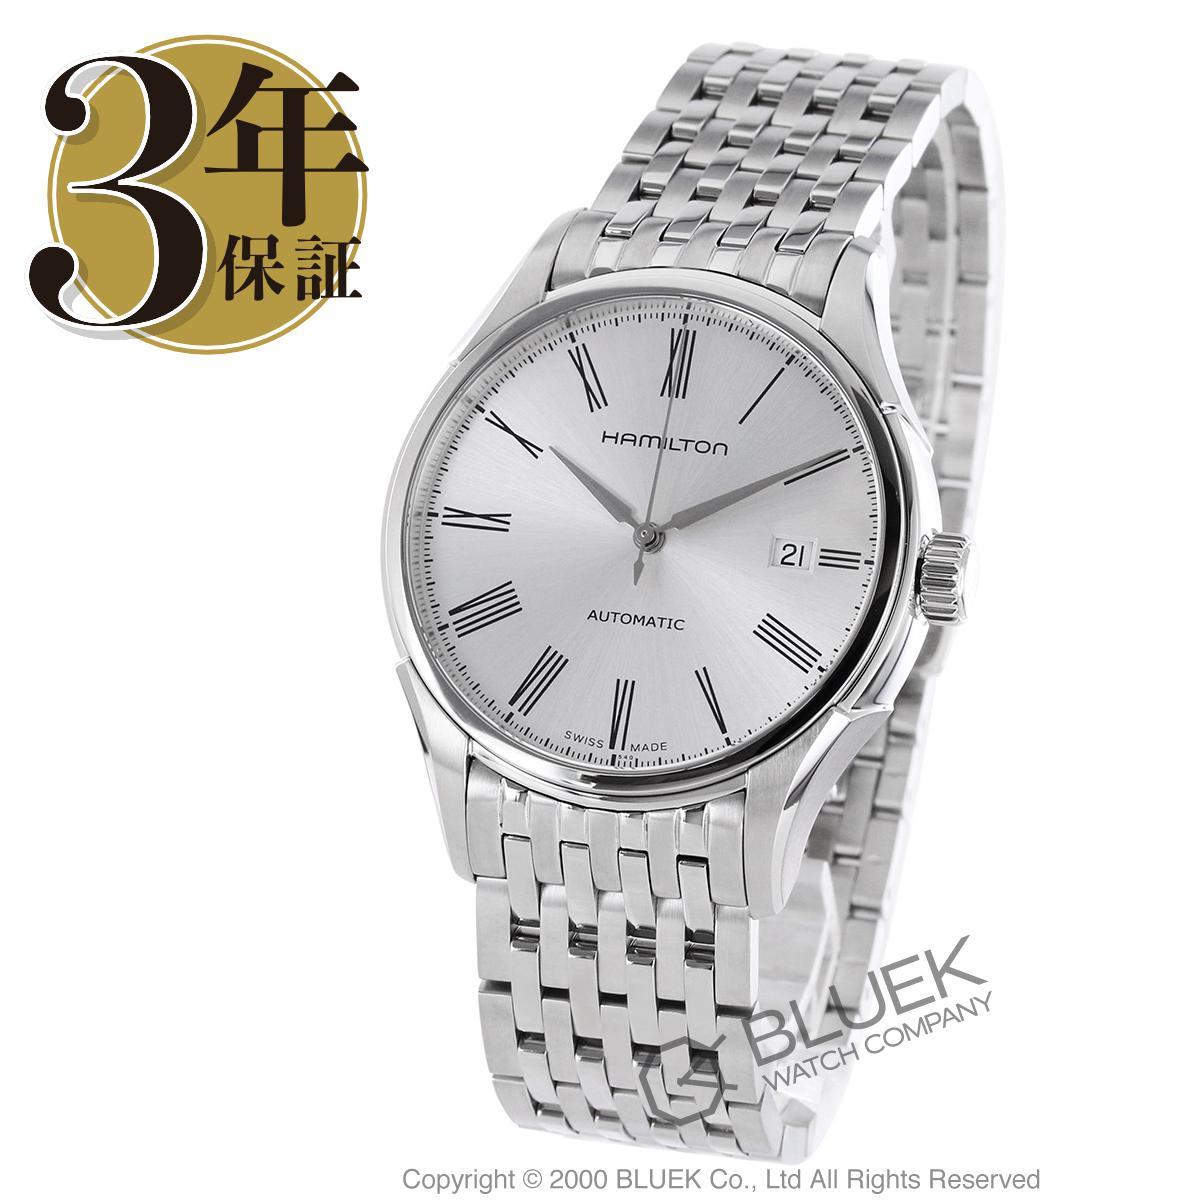 ハミルトン バリアント 腕時計 メンズ HAMILTON H39515154_8 バーゲン 成人祝い ギフト プレゼント